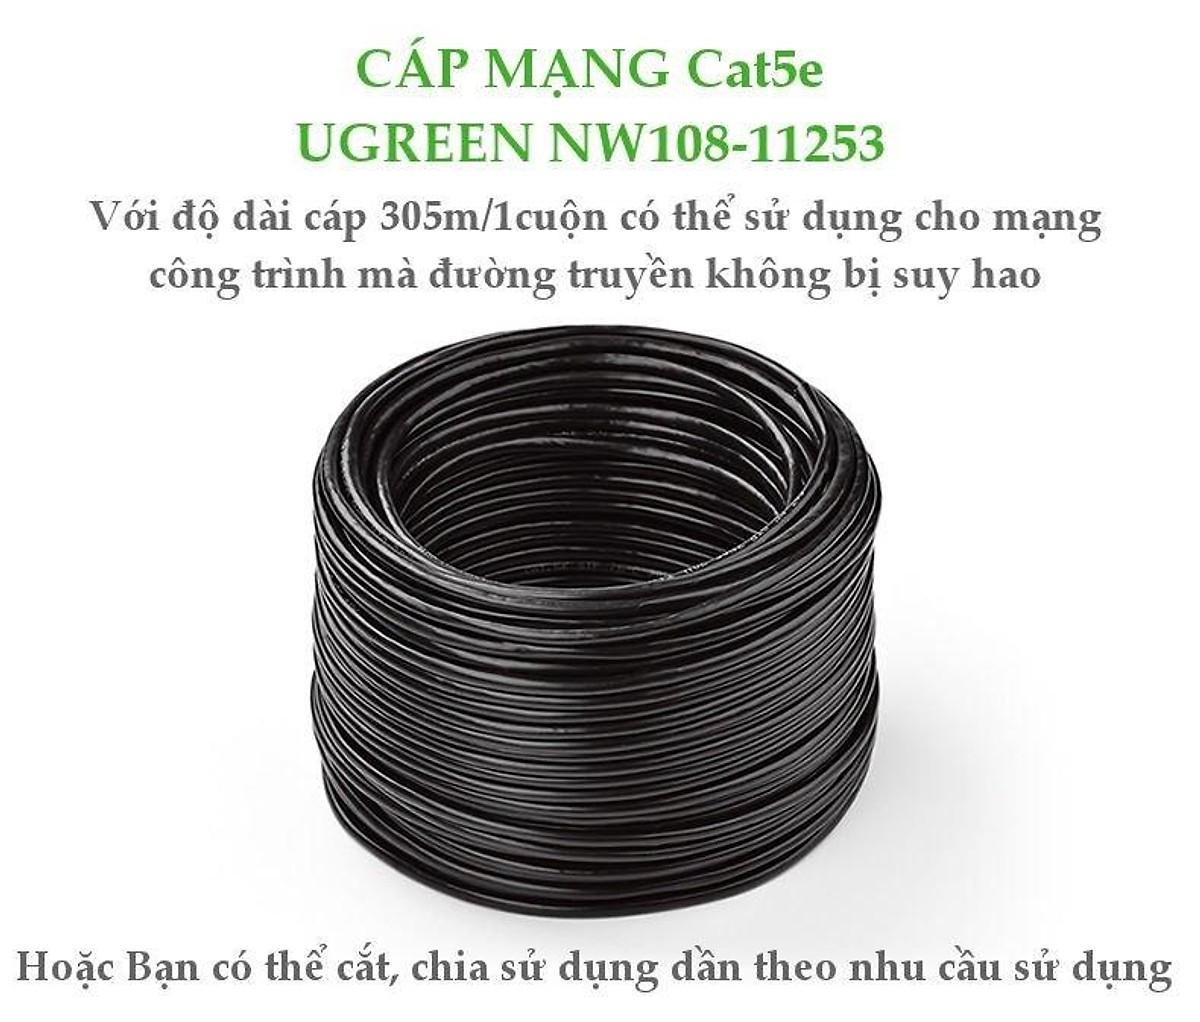 Cat6 Utp Lan Cable 305M Nw109 - 11259 Ugreen - Hàng Chính Hãng